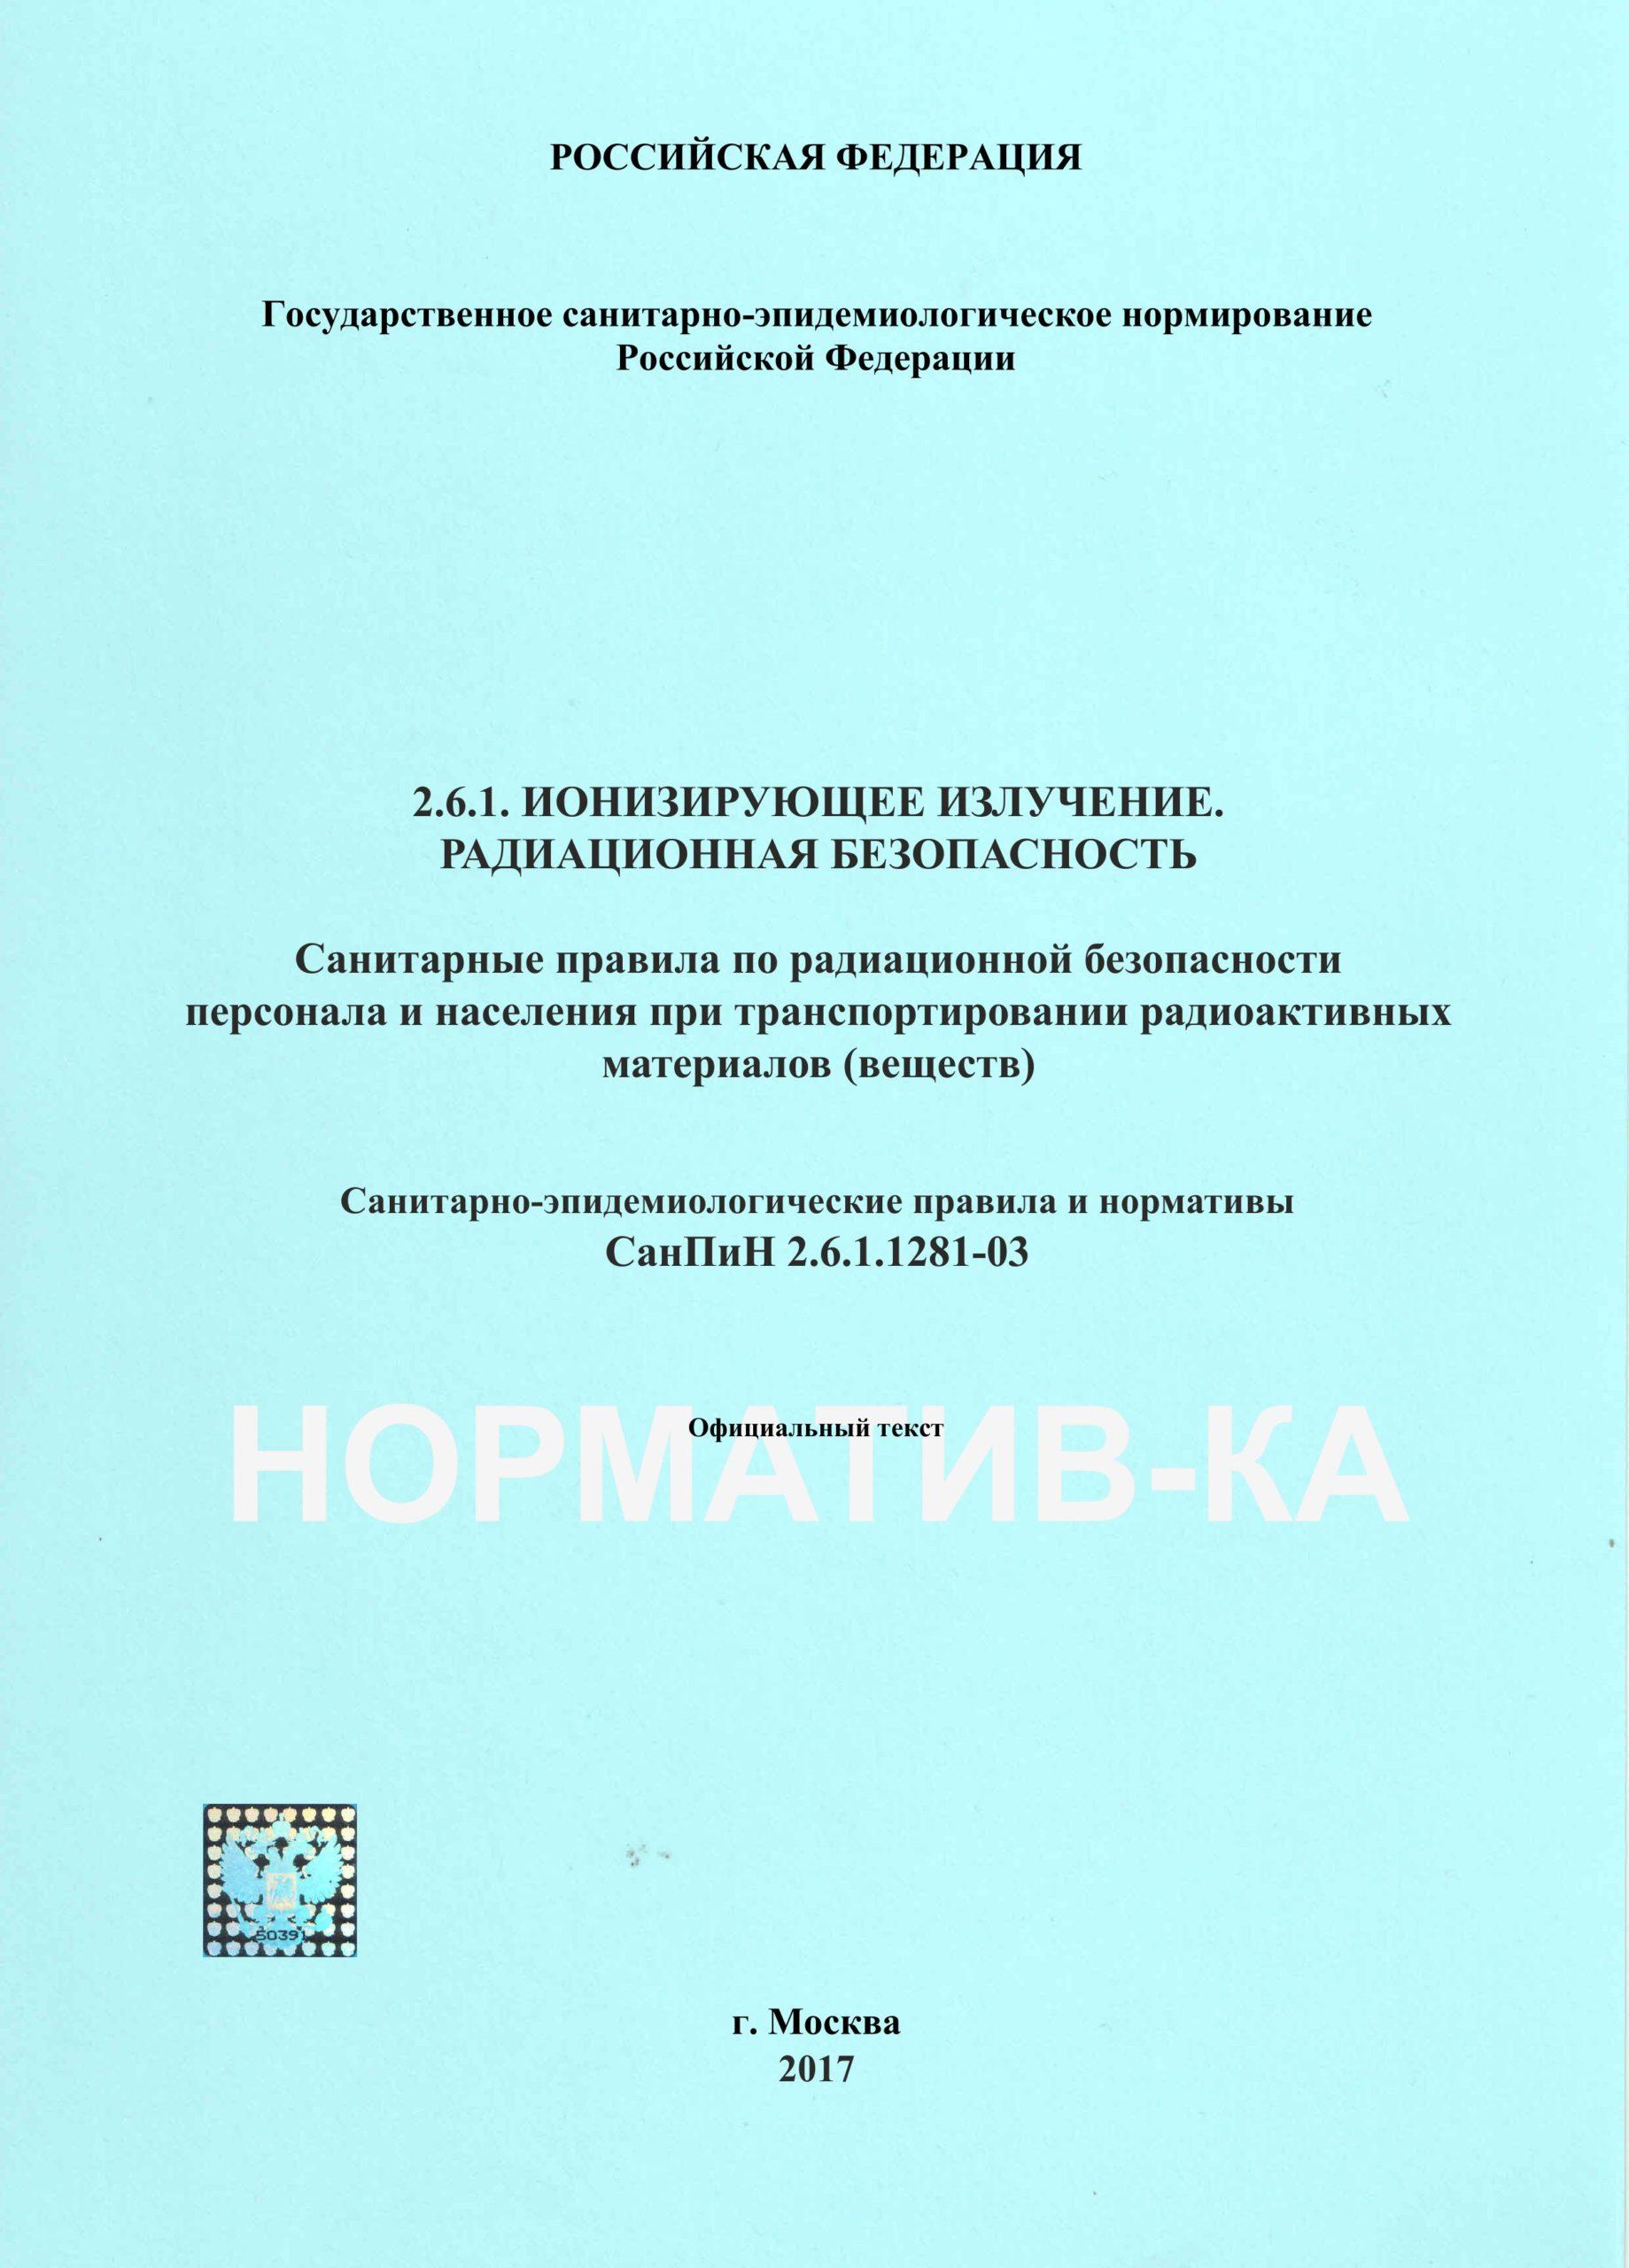 СанПиН 2.6.1.1281-03